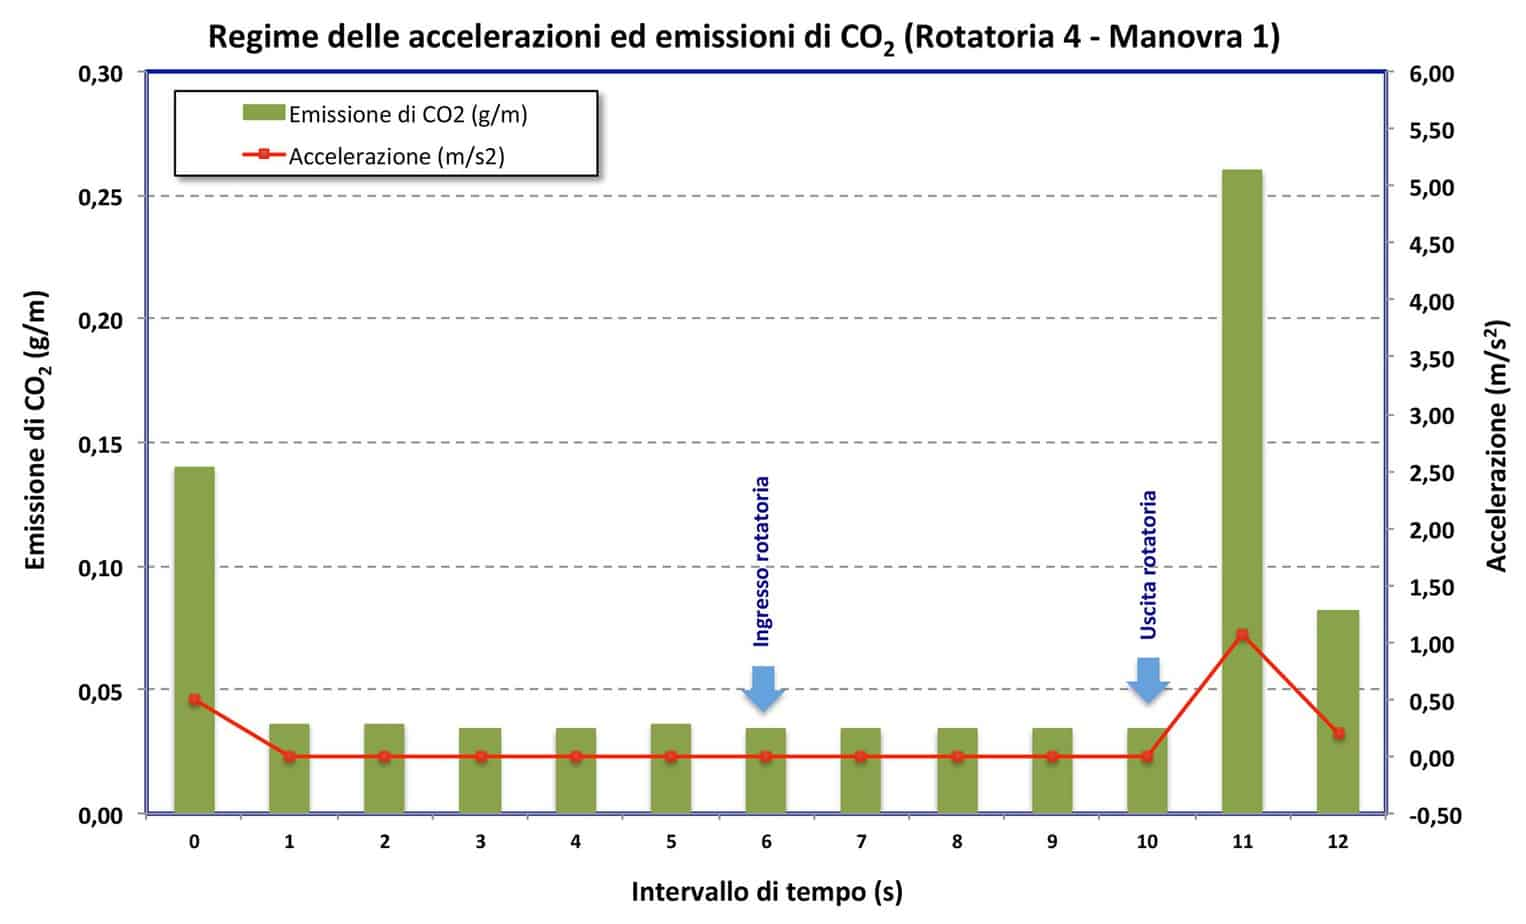 Le emissioni di CO2 nella rotatoria 4 - manovra 1